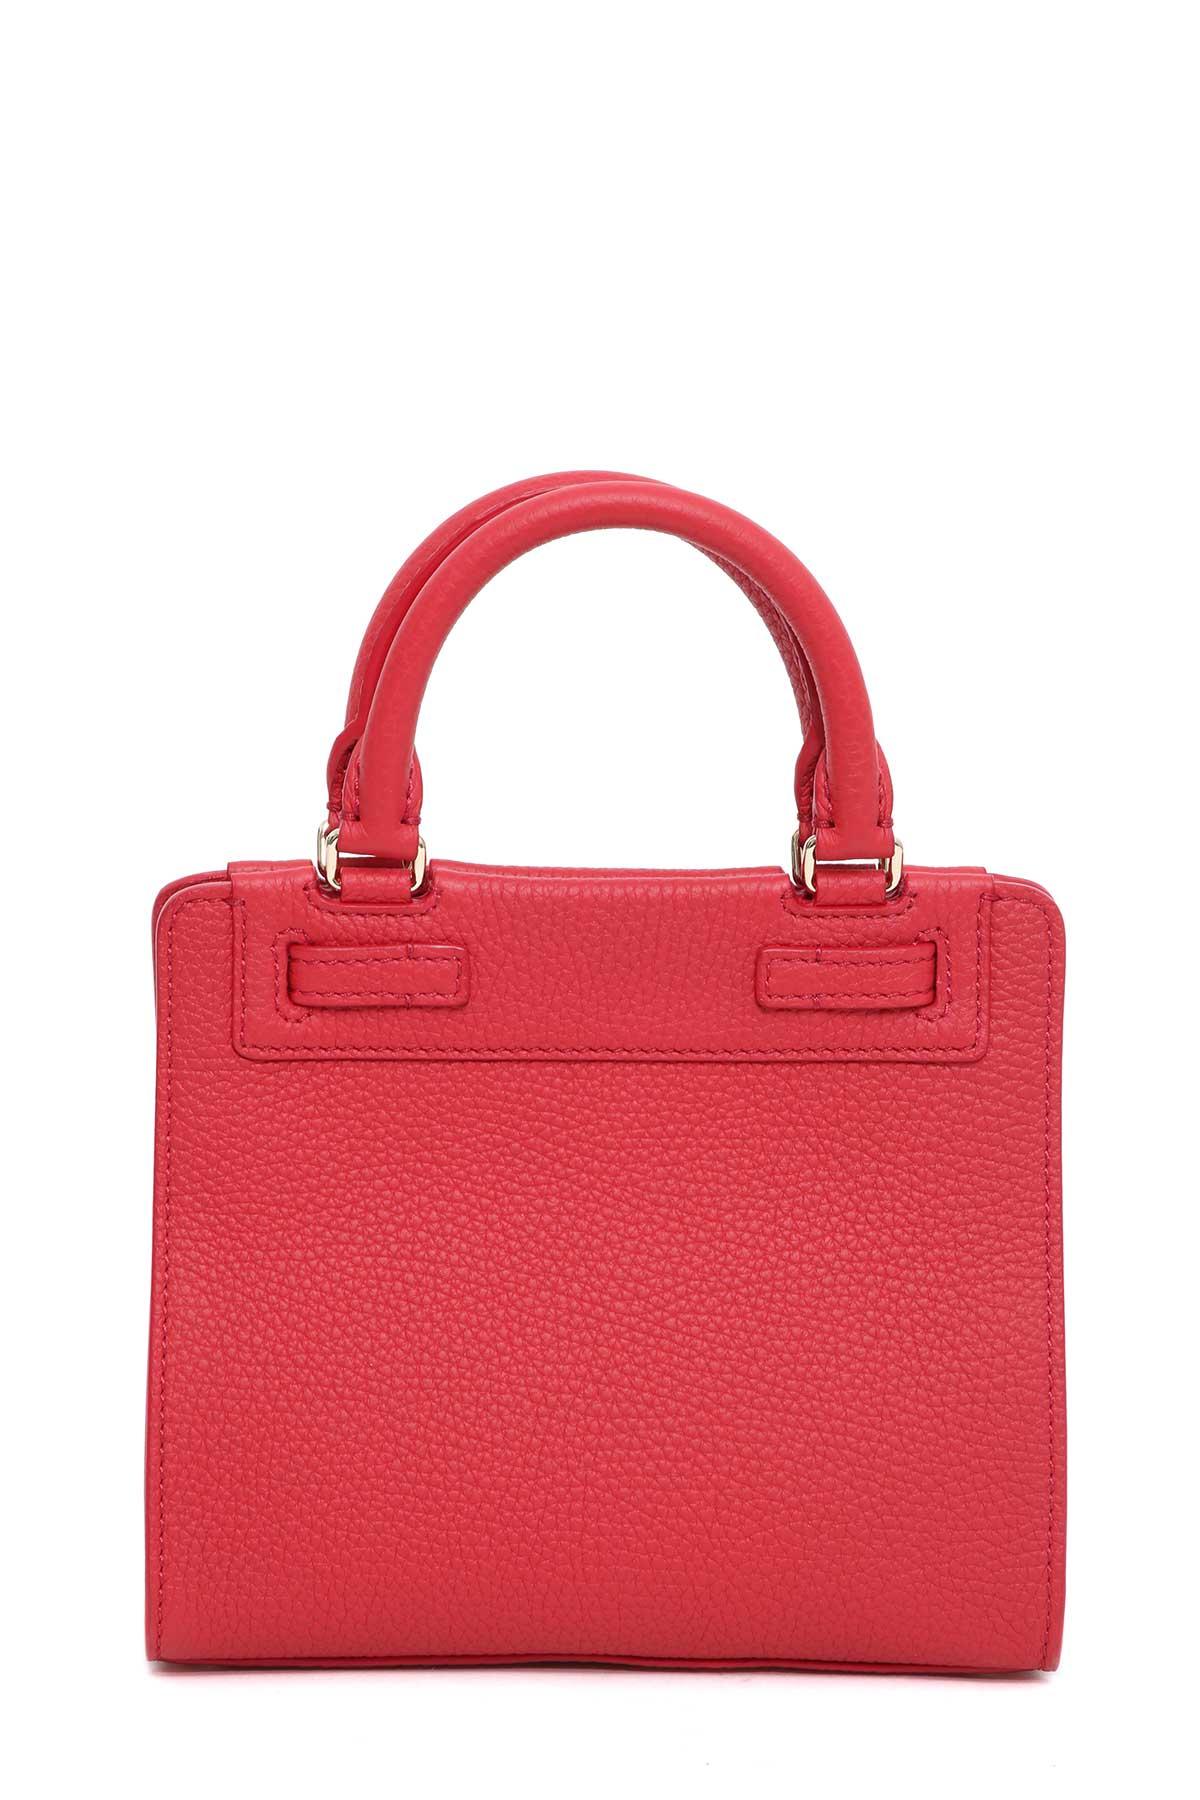 A toy togo handbag with strap Fontana Milano 1915 v4emVxs